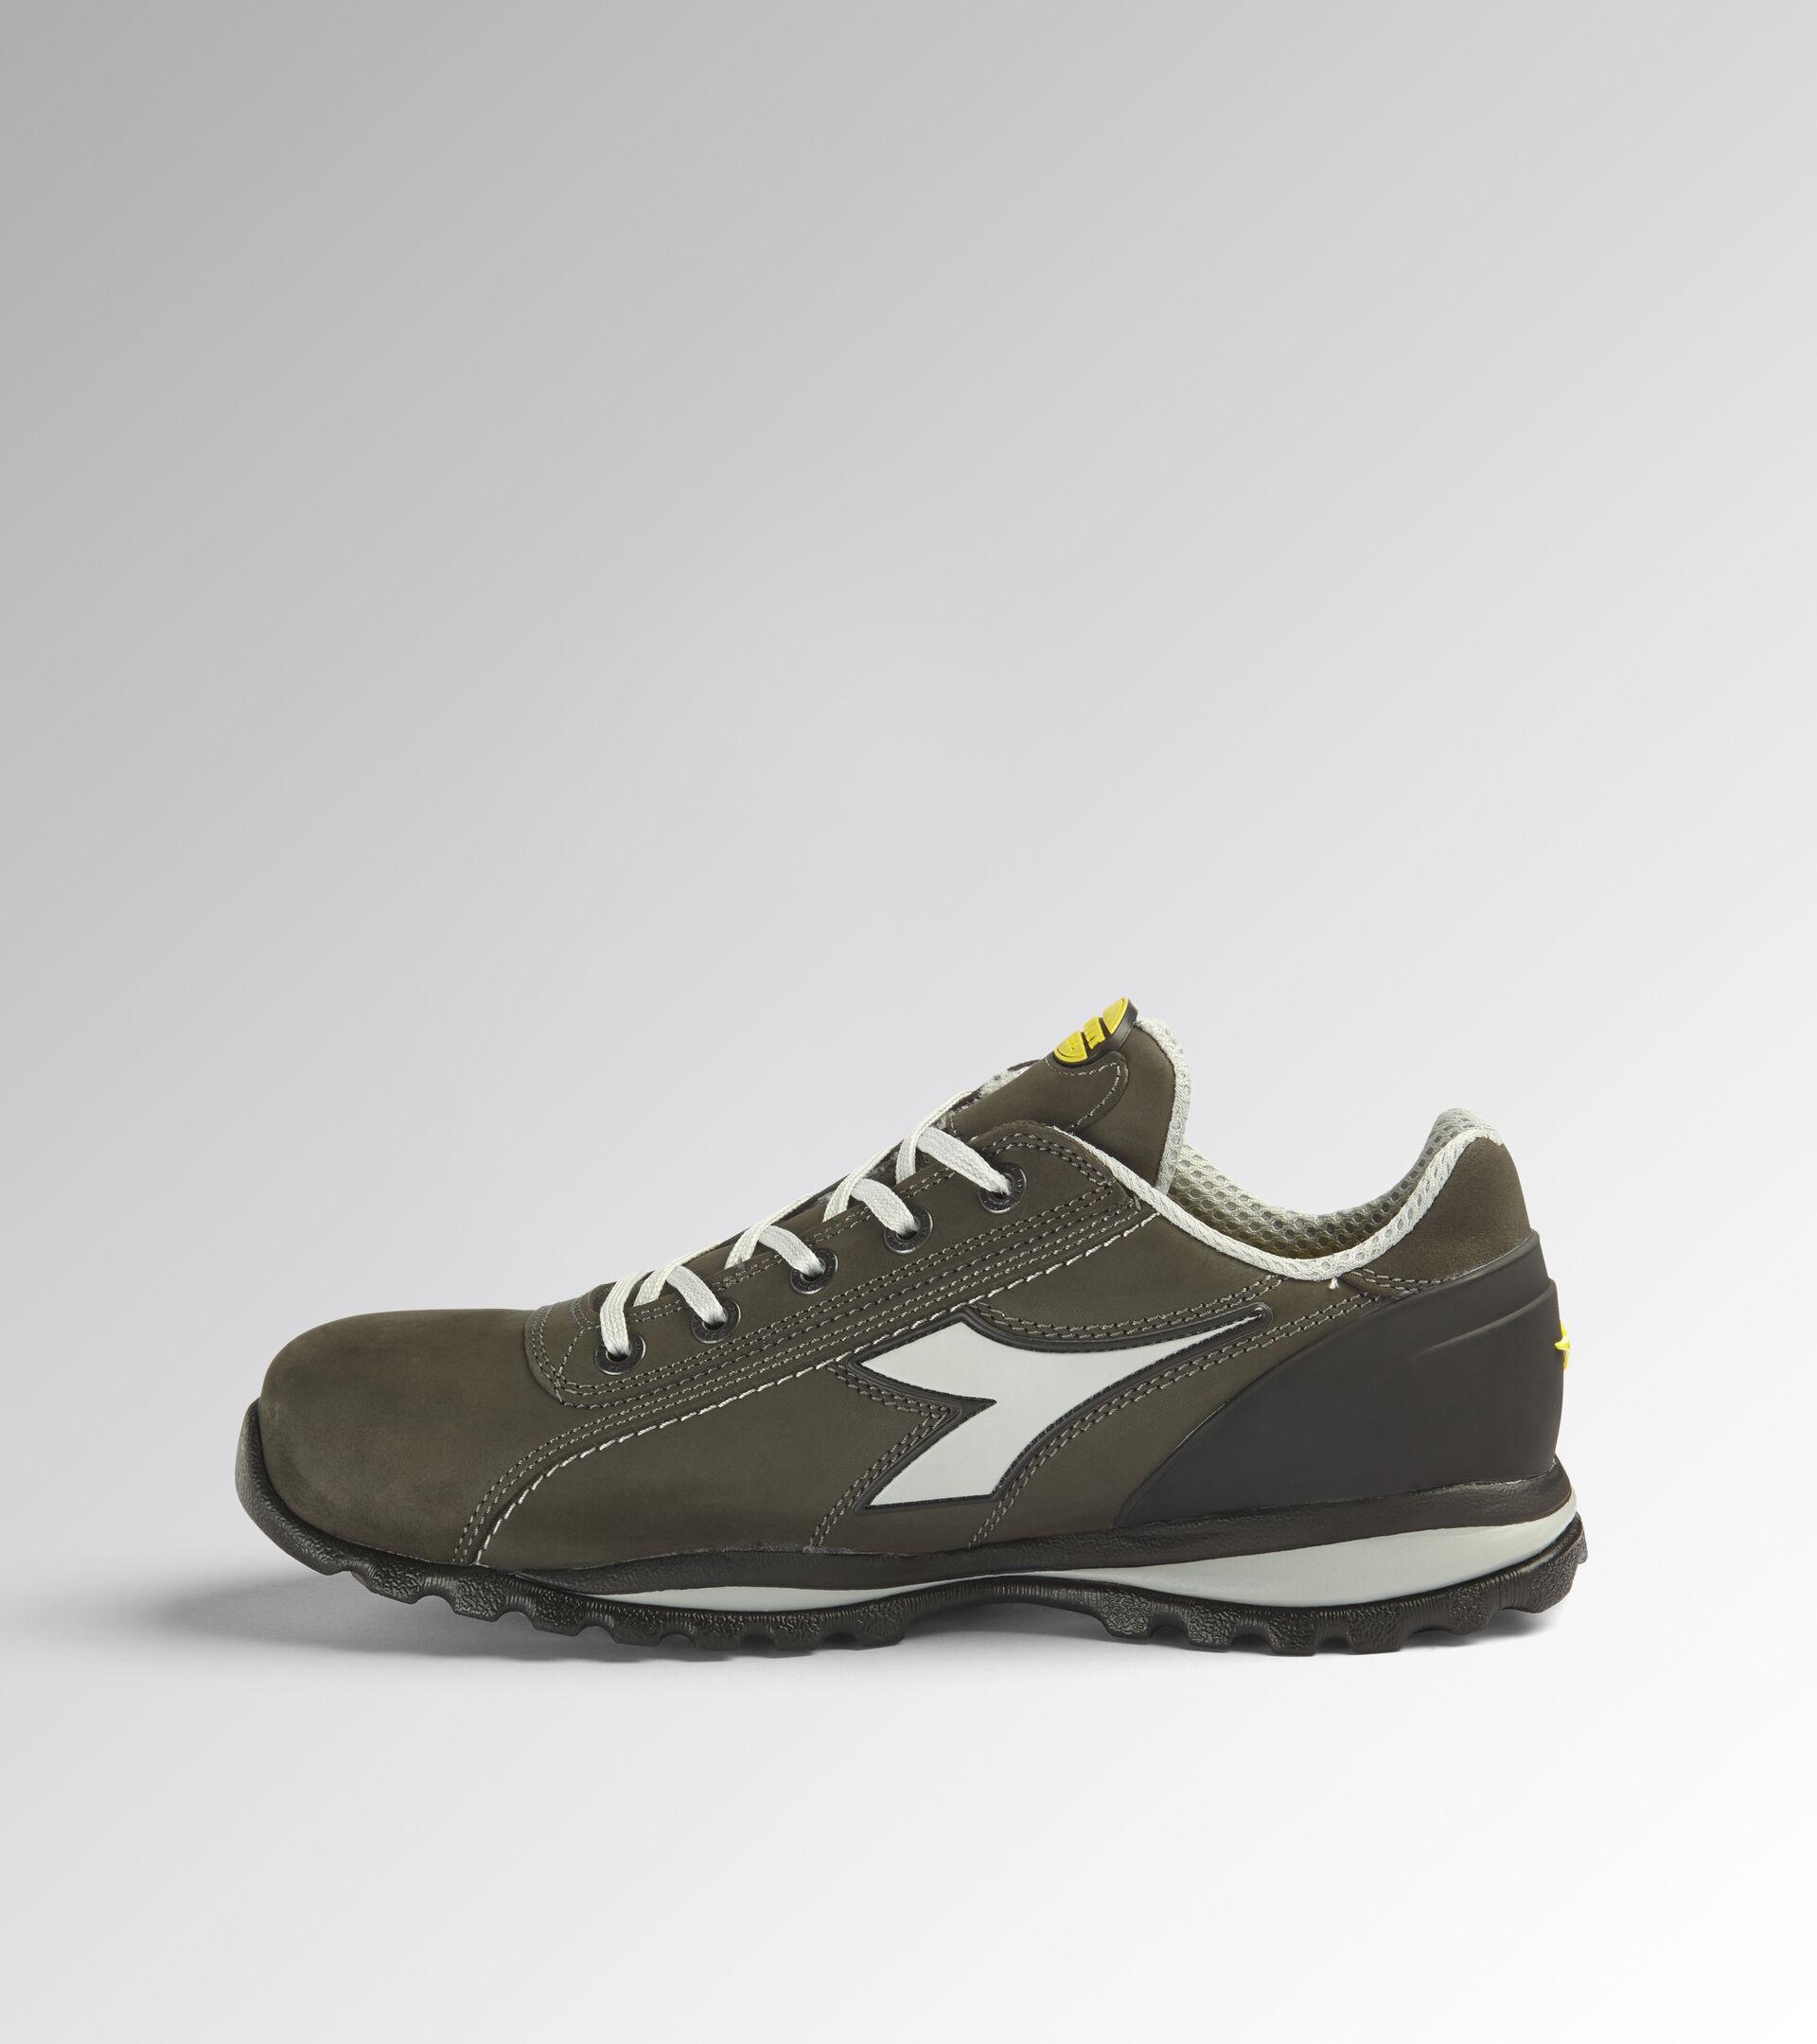 Footwear Utility UNISEX GLOVE LOW S3 HRO SRA SHADOW GREY Utility